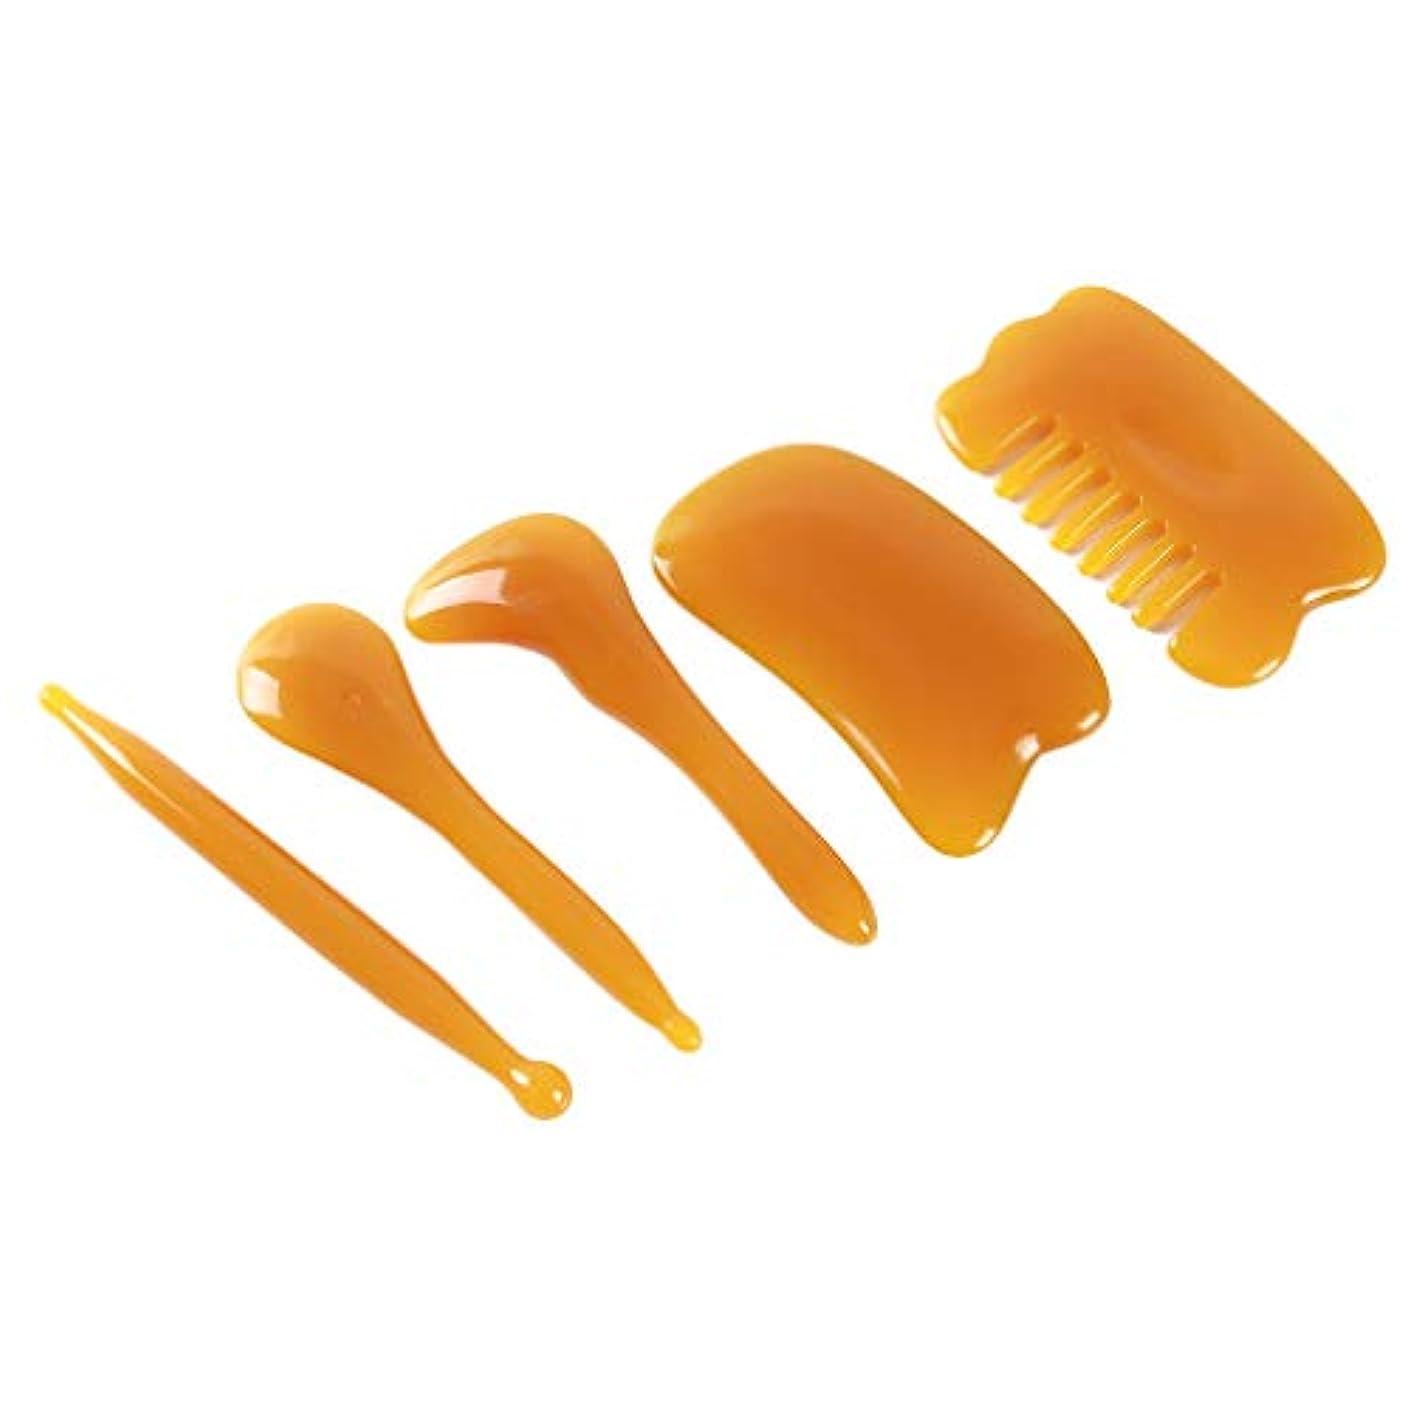 限りなくマニュアルあざHonel カッサプレート こする櫛 頭部のマッサージ こするプレート 手動 スパ マッサージツール カッサ板 カッサマッサージ道具 5ピース